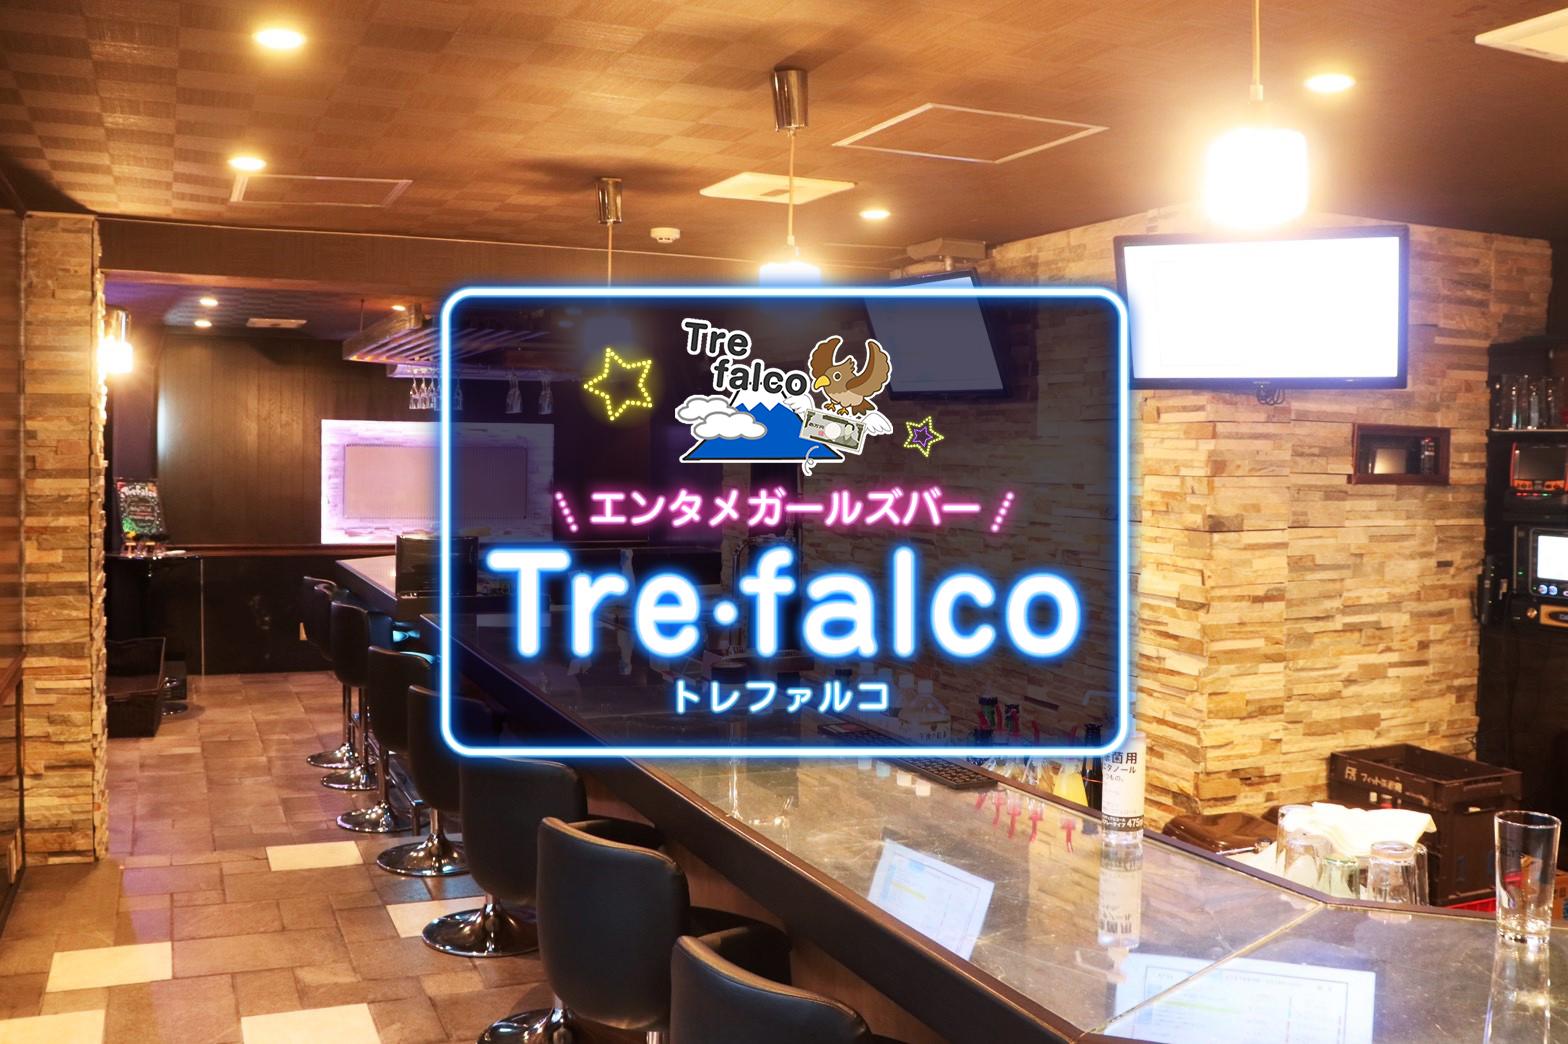 Tre falco(トレファルコ)